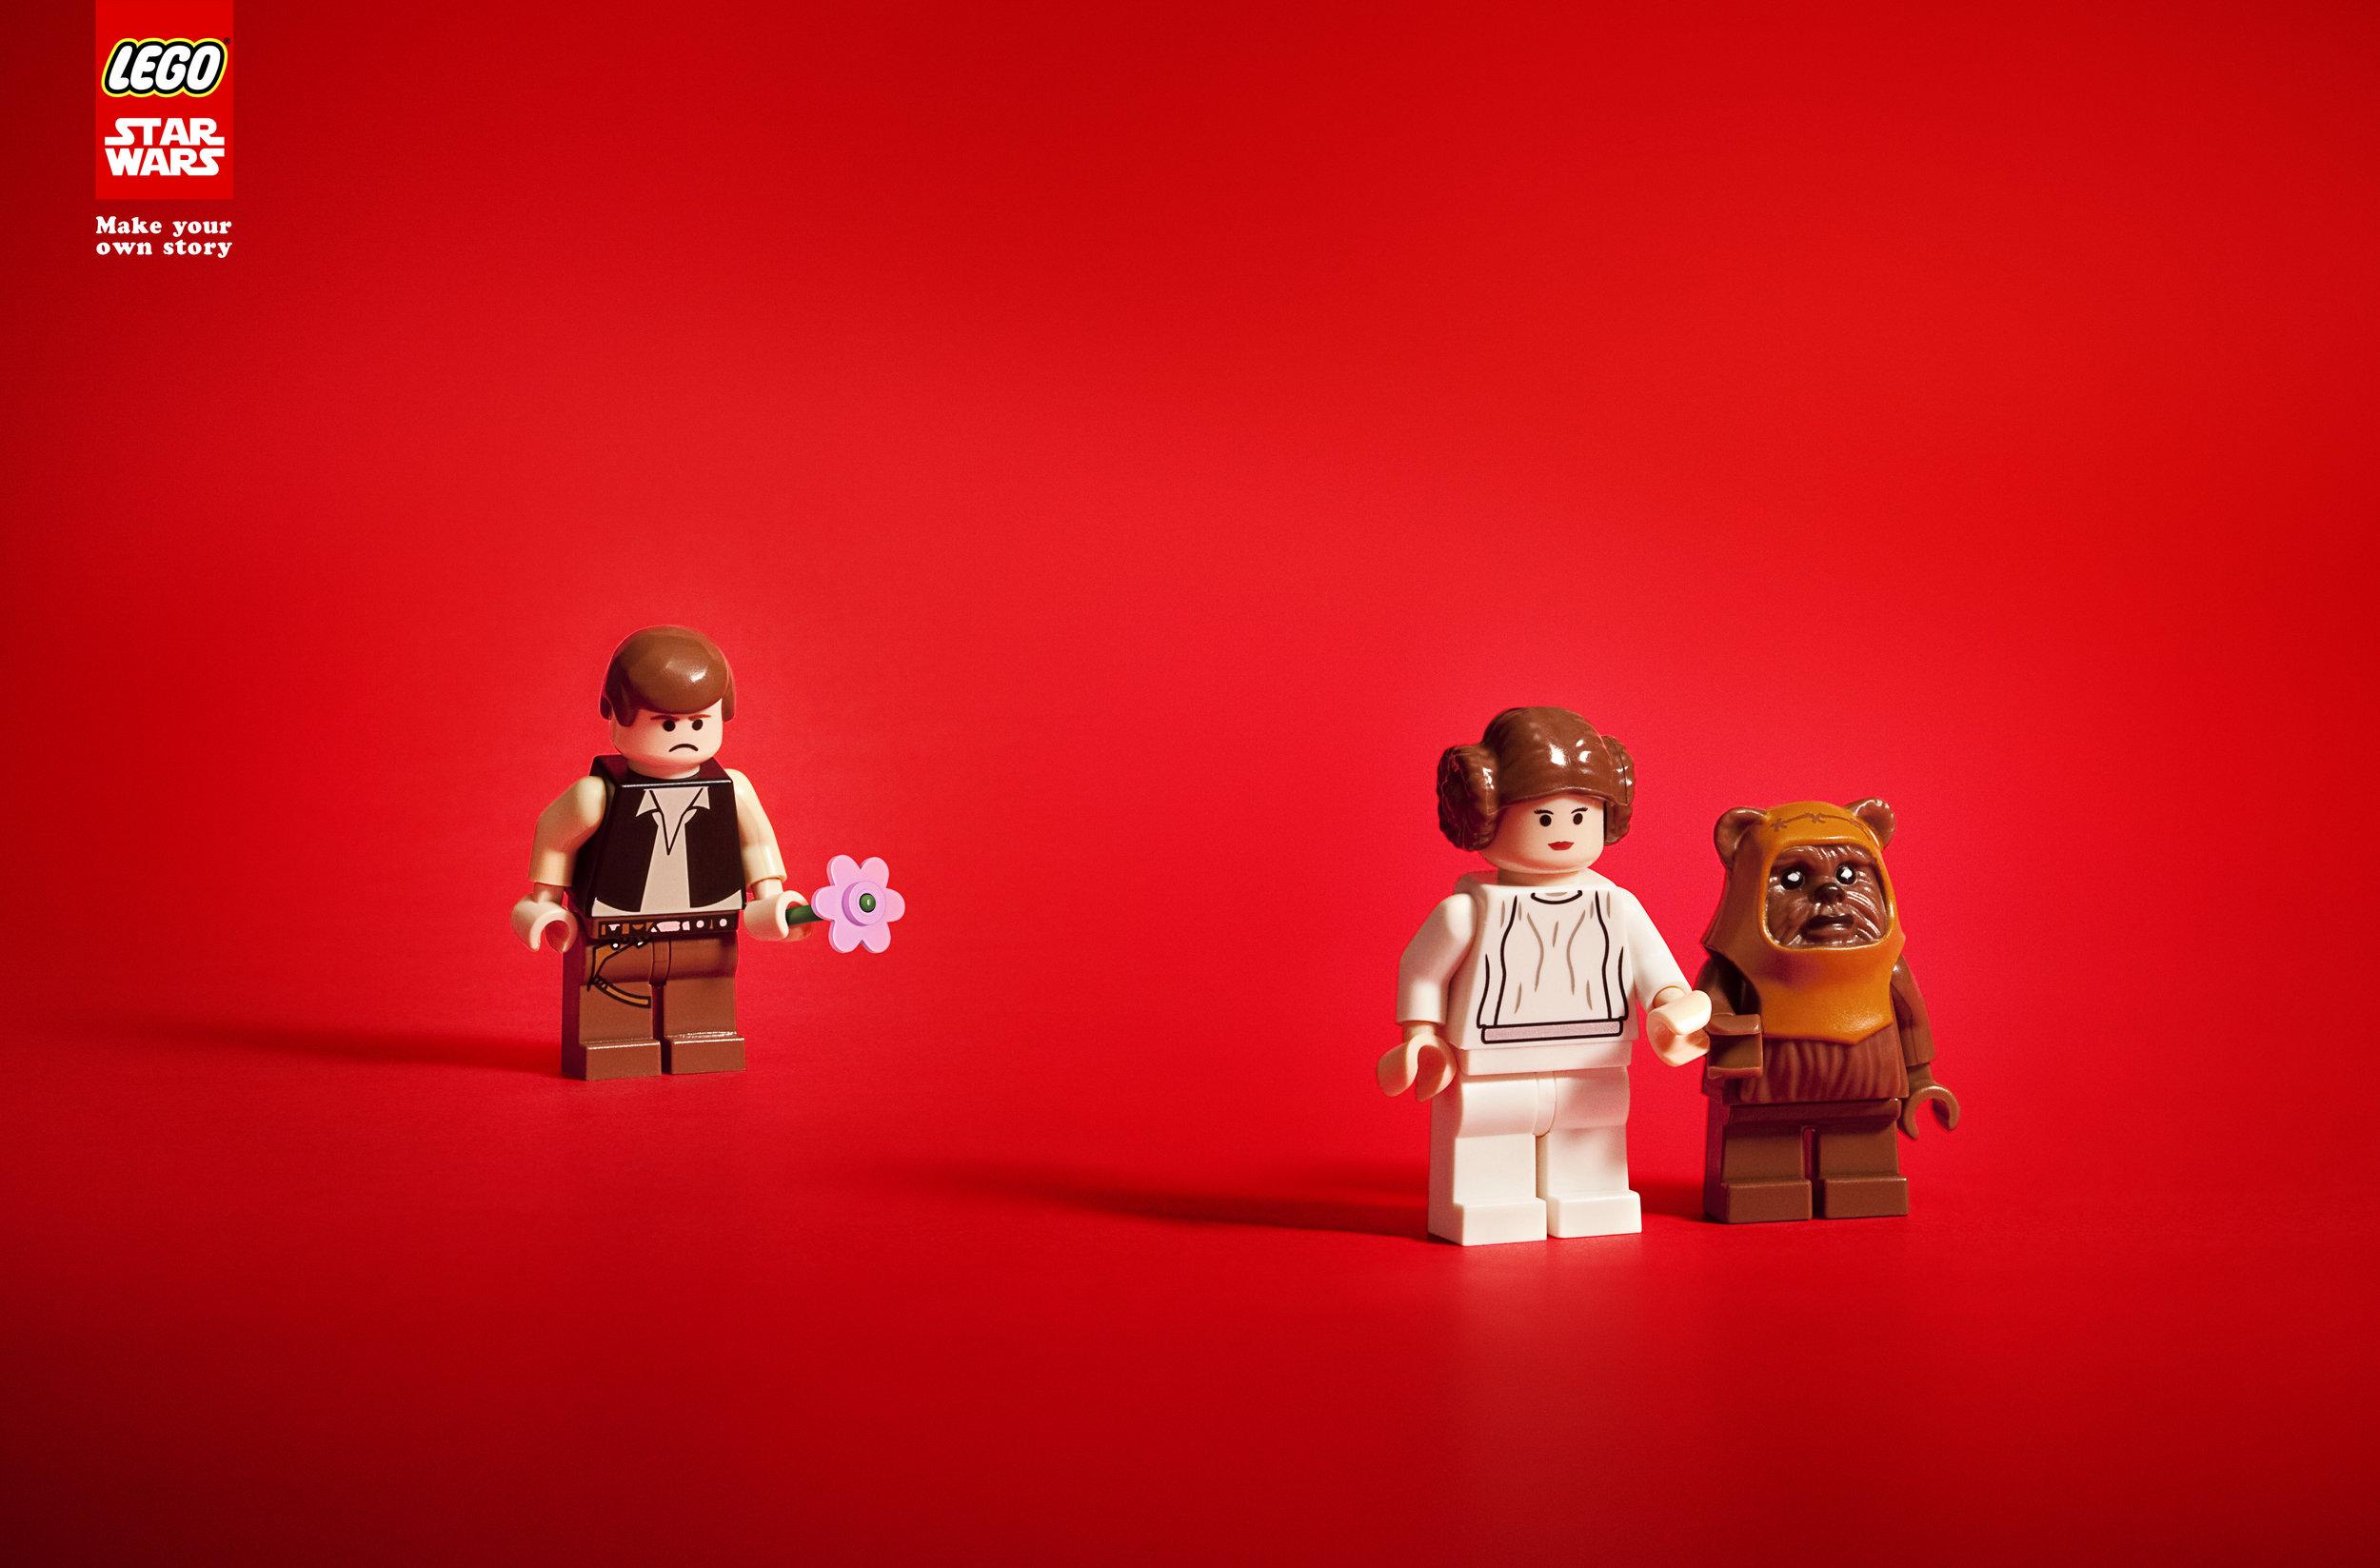 Lego Fora.jpg